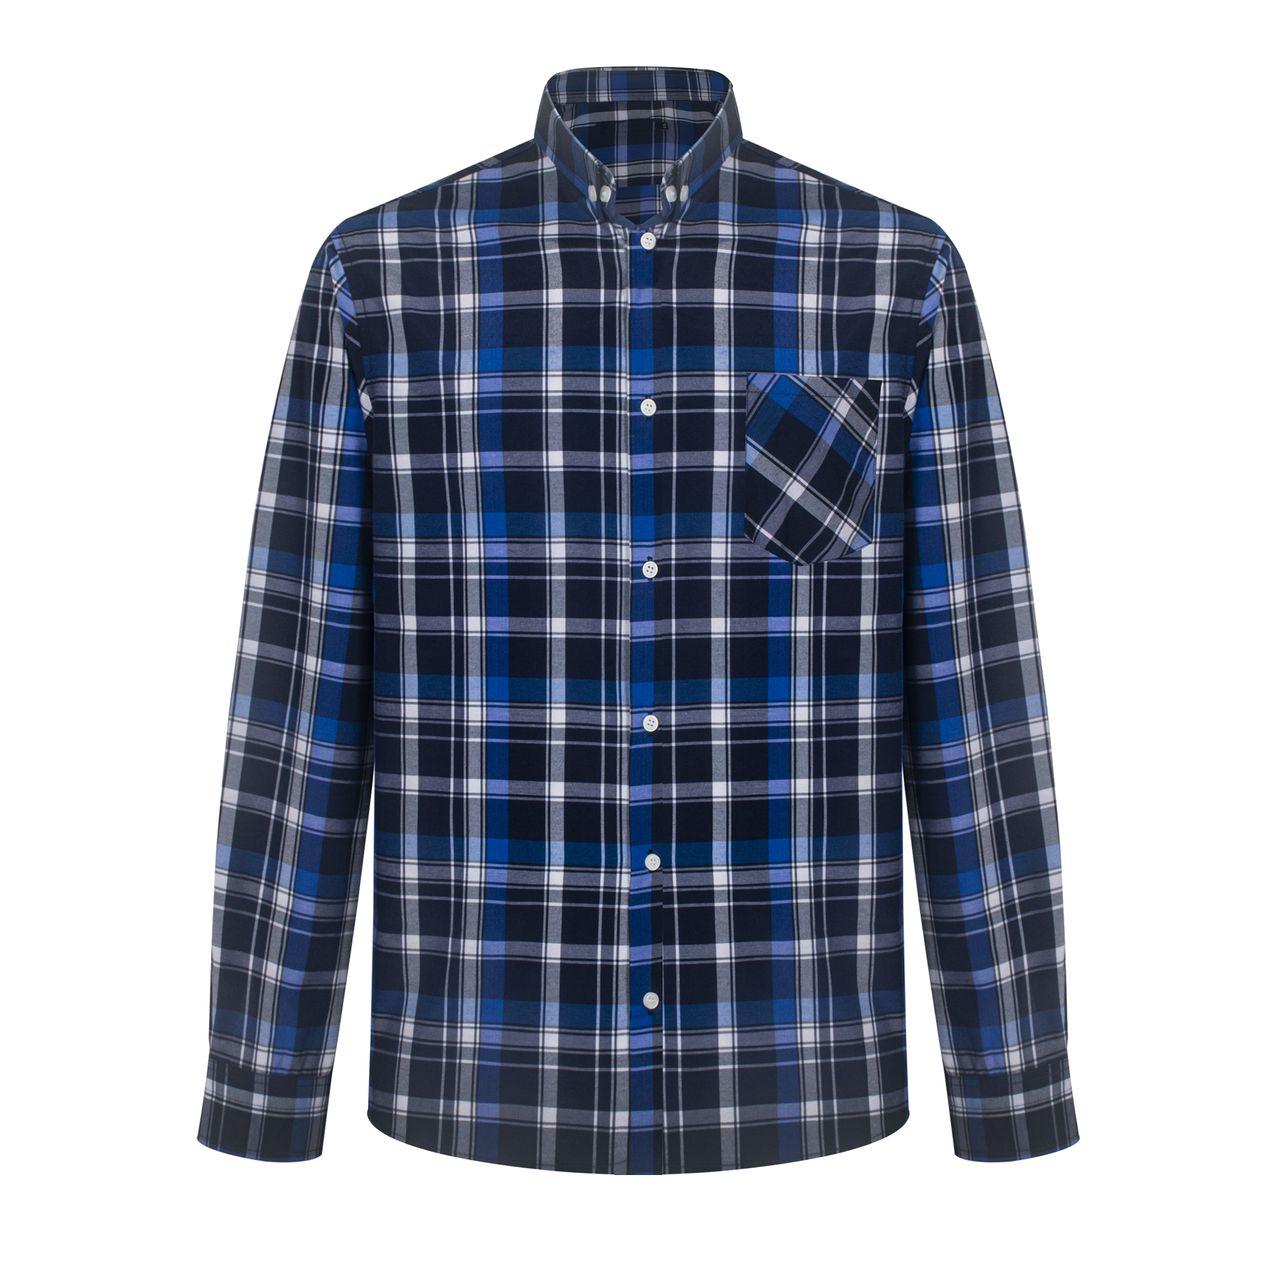 پیراهن آستین بلند مردانه مدل 214